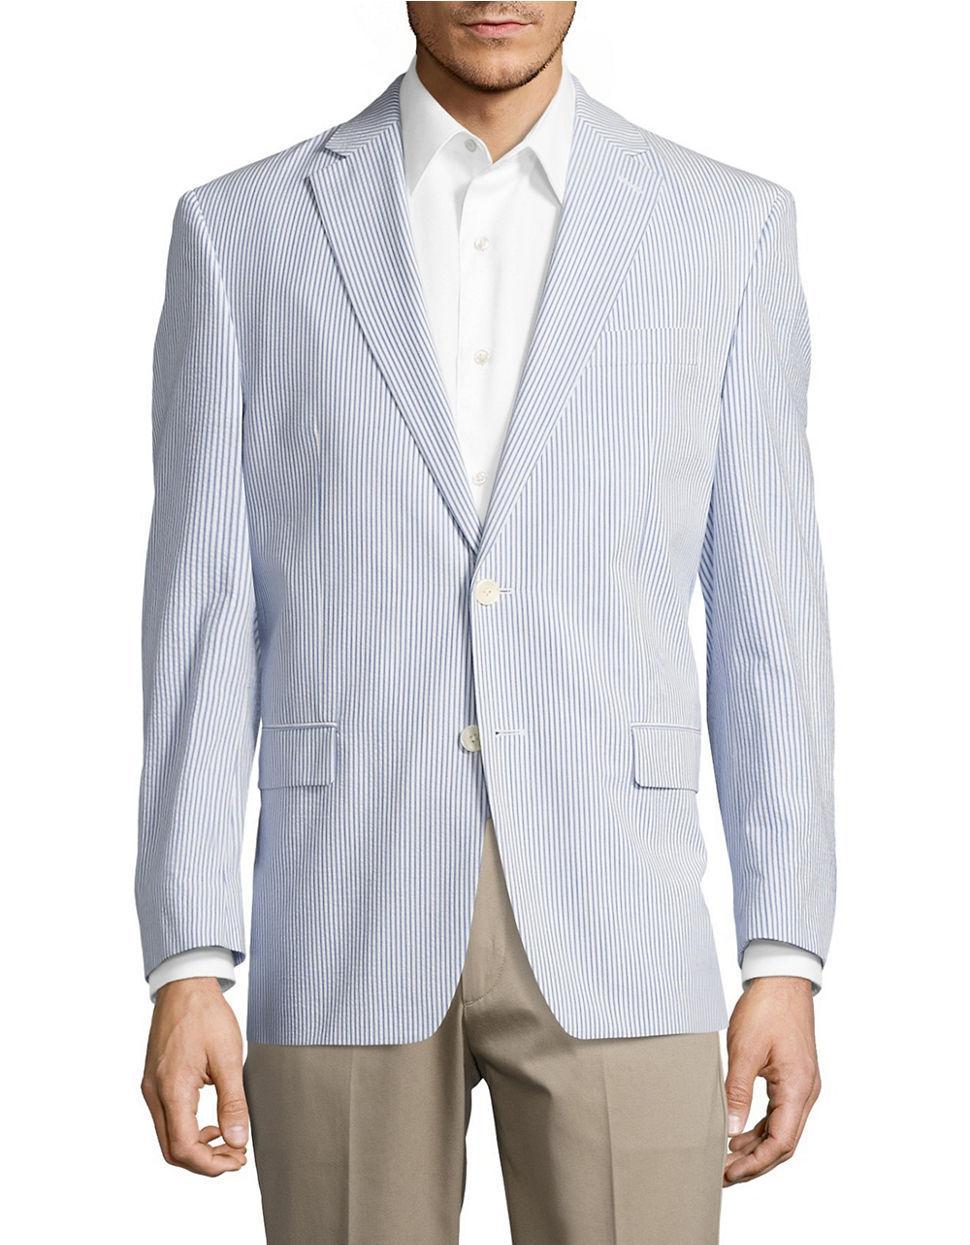 Lauren by ralph lauren Seersucker Suit Jacket in Blue for ...